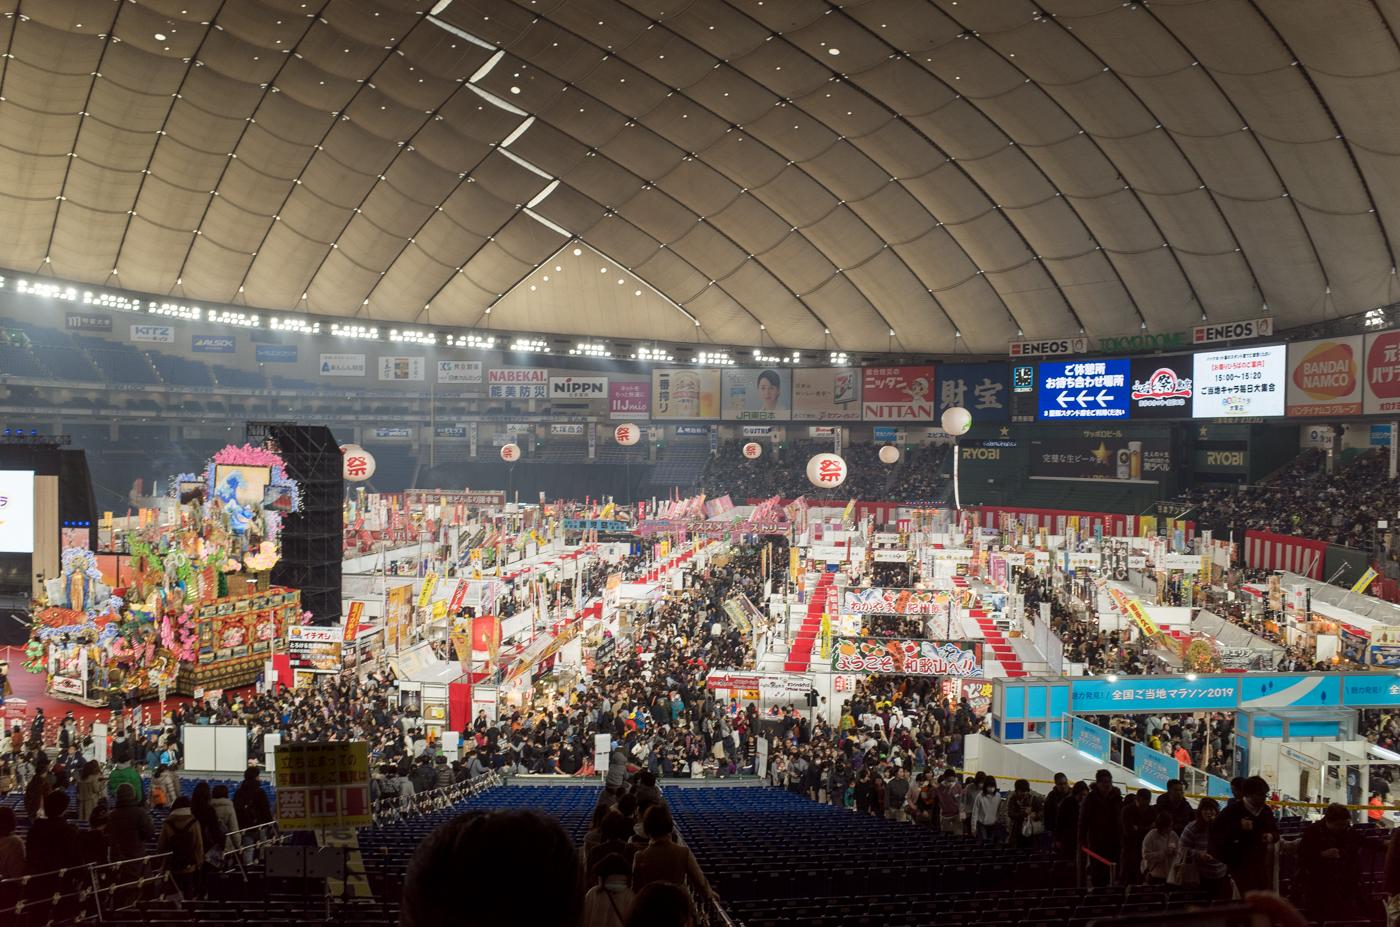 ふるさと祭り東京2019@東京ドームに行ってきましたっ!